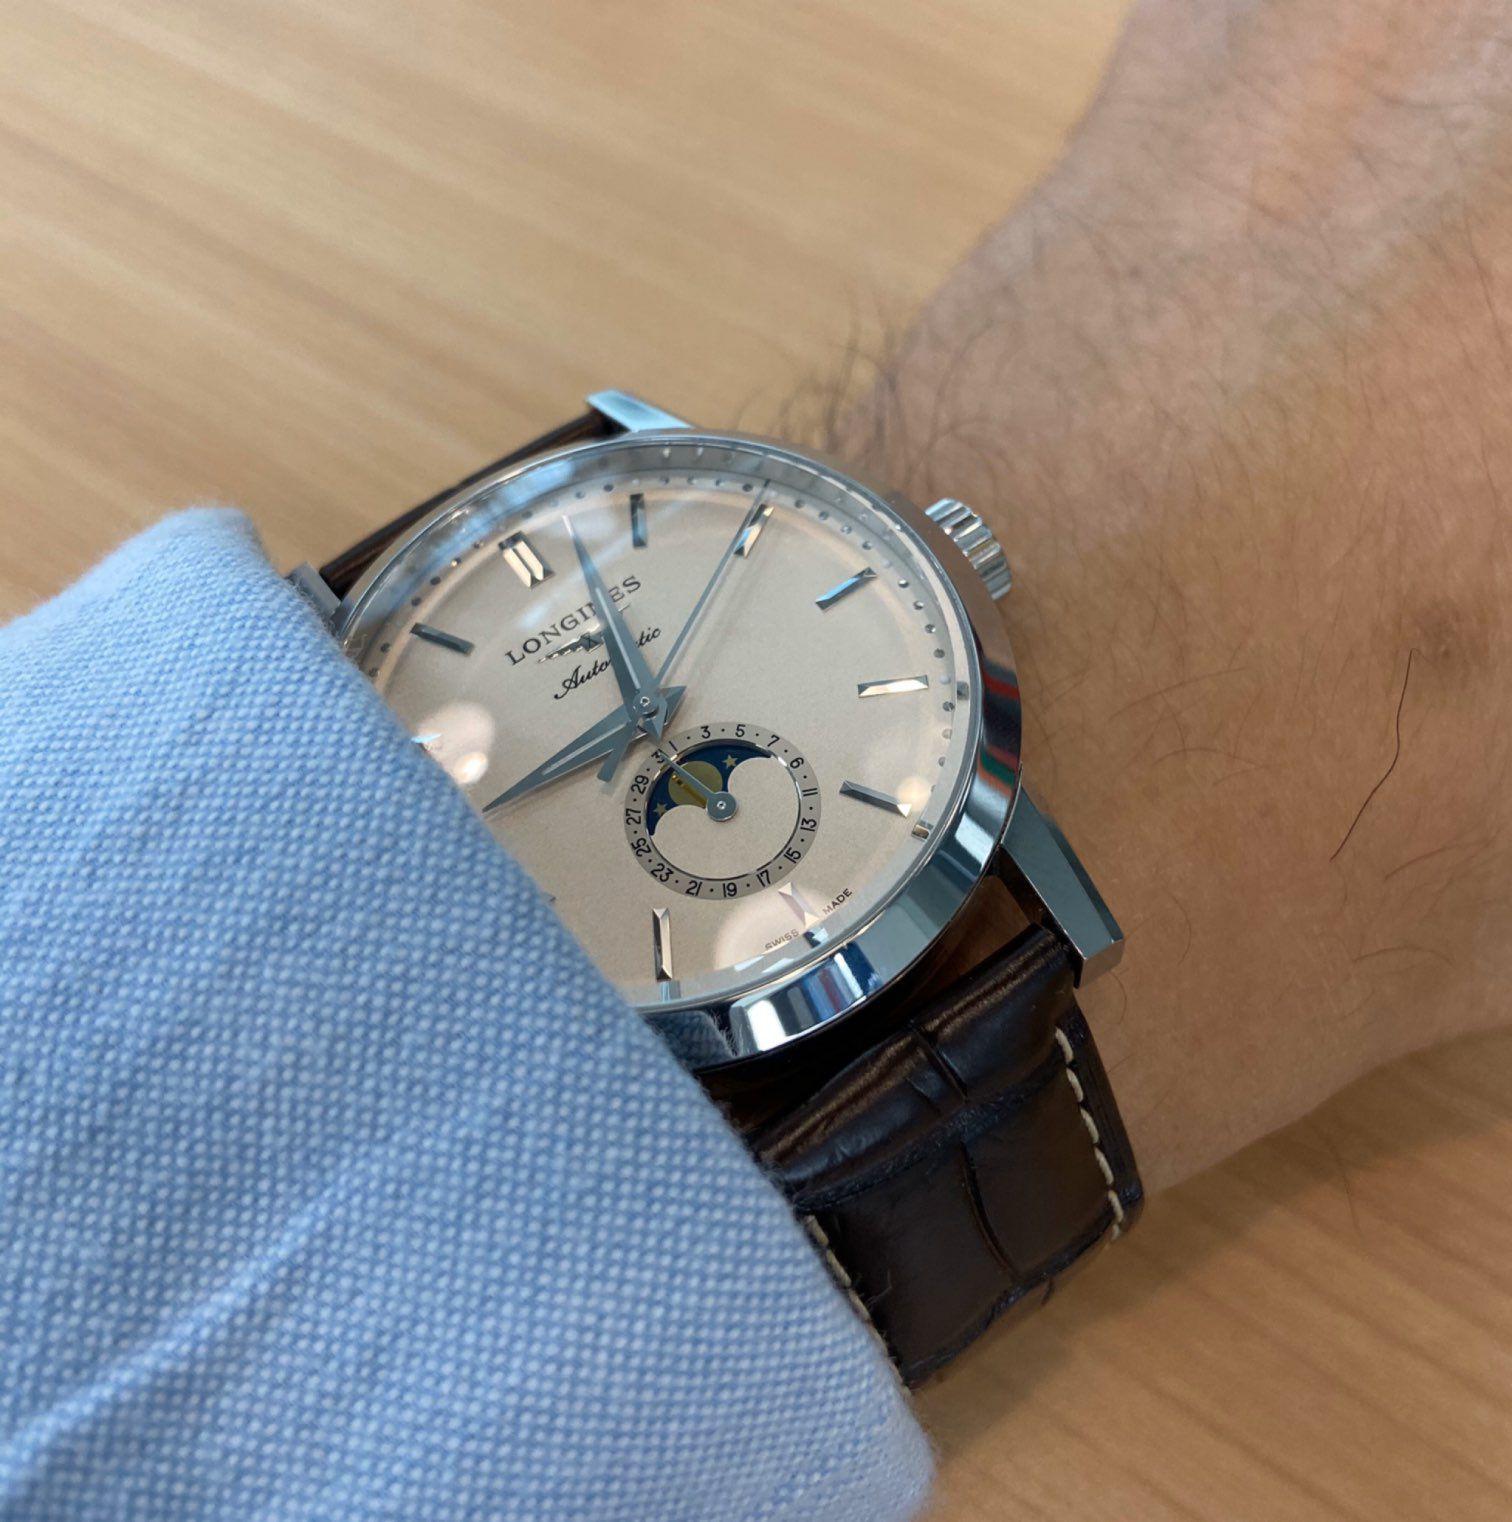 时间的长河漫无生息地流过。那么多的钟表,应该以哪个时间为准?...